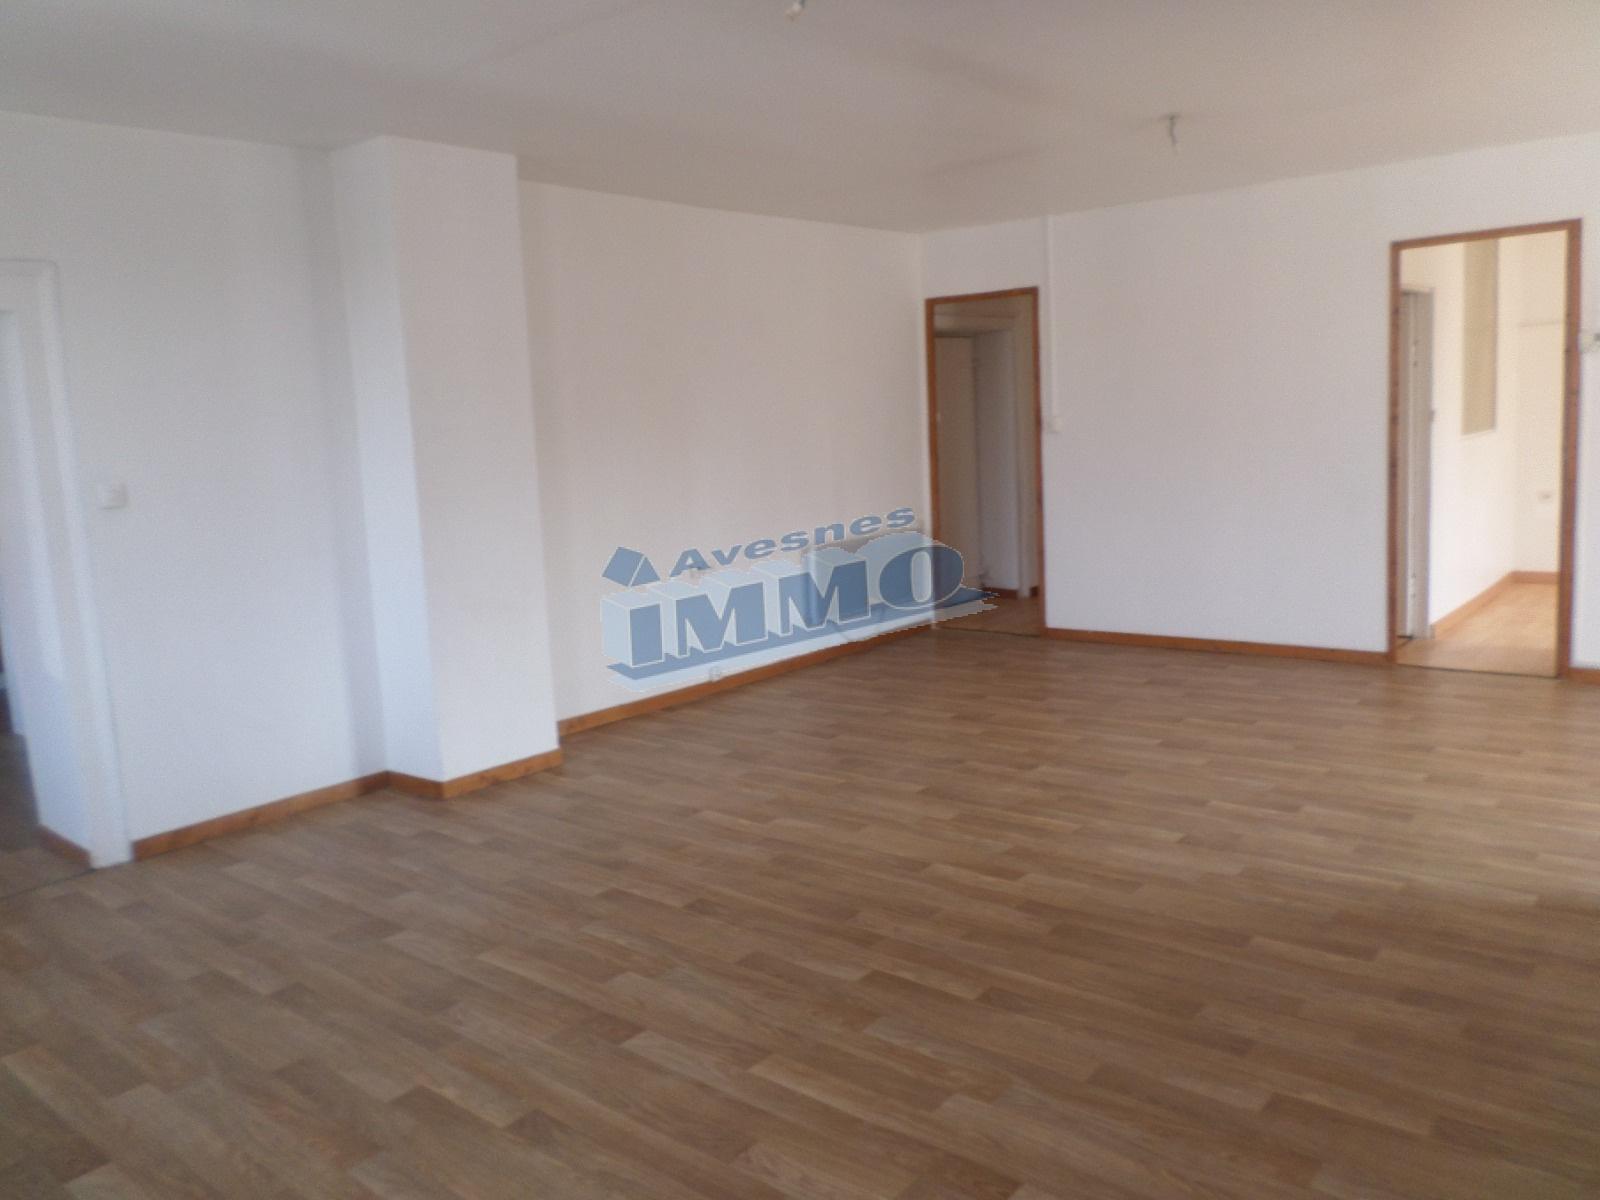 Offres de location Appartement Avesnes le comte 62810